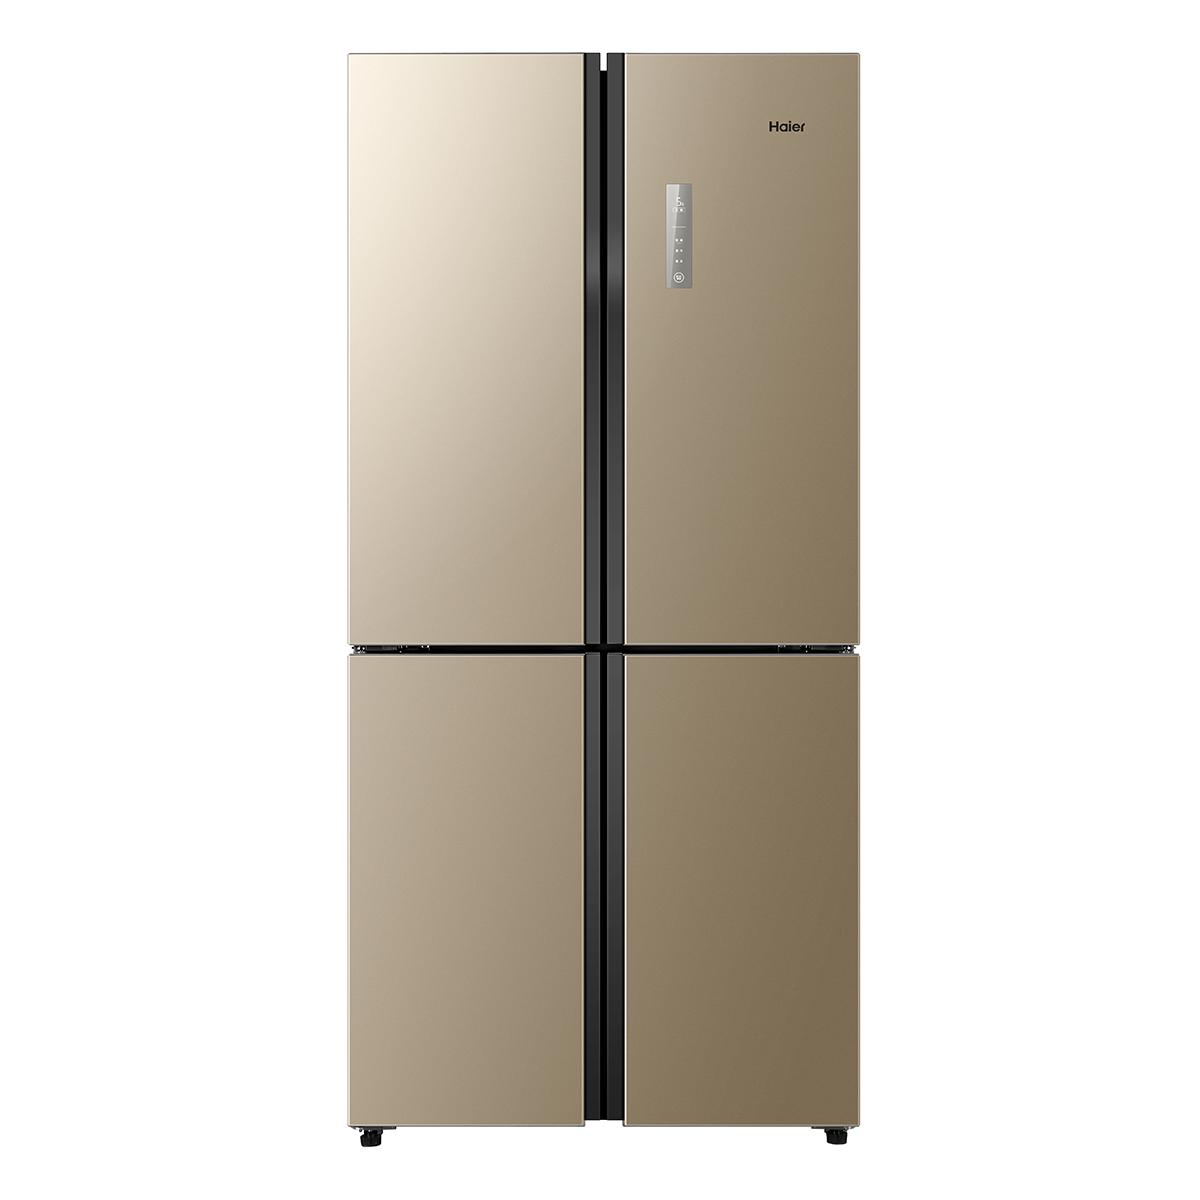 海尔Haier冰箱 BCD-482FDPT 说明书